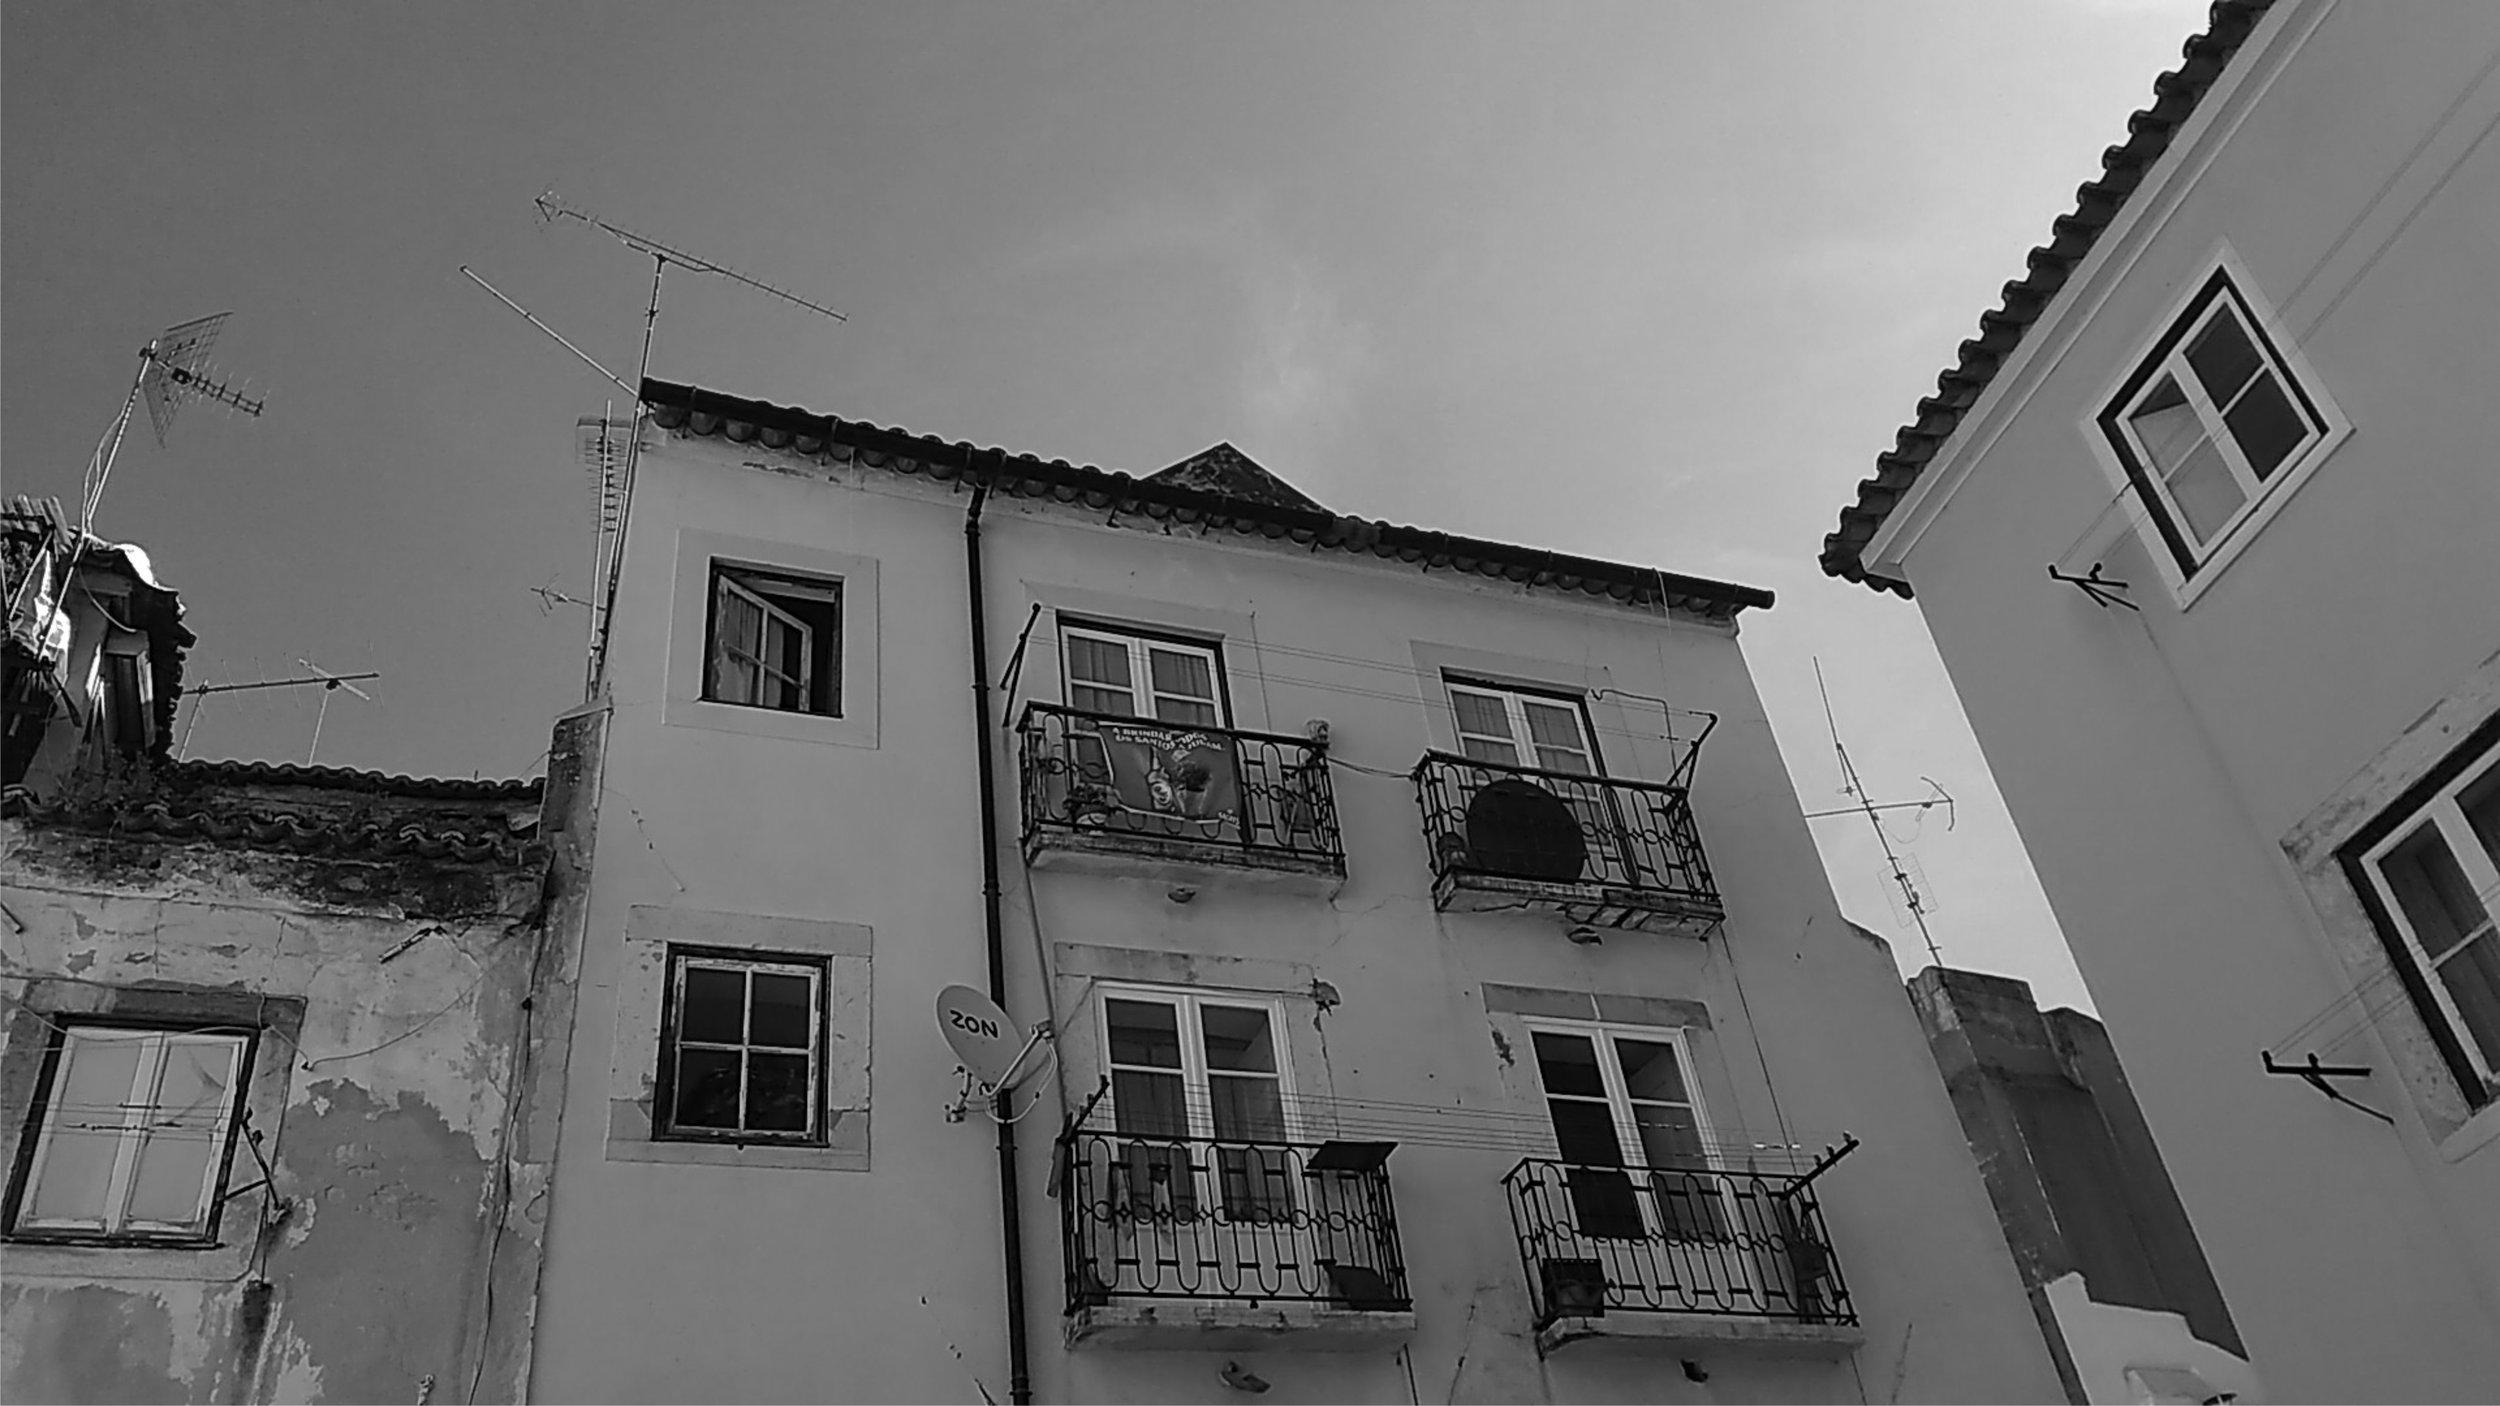 paulomiguez arquitectos-reabilitação-habitação-alfama-lisboa-portugal 6.jpg